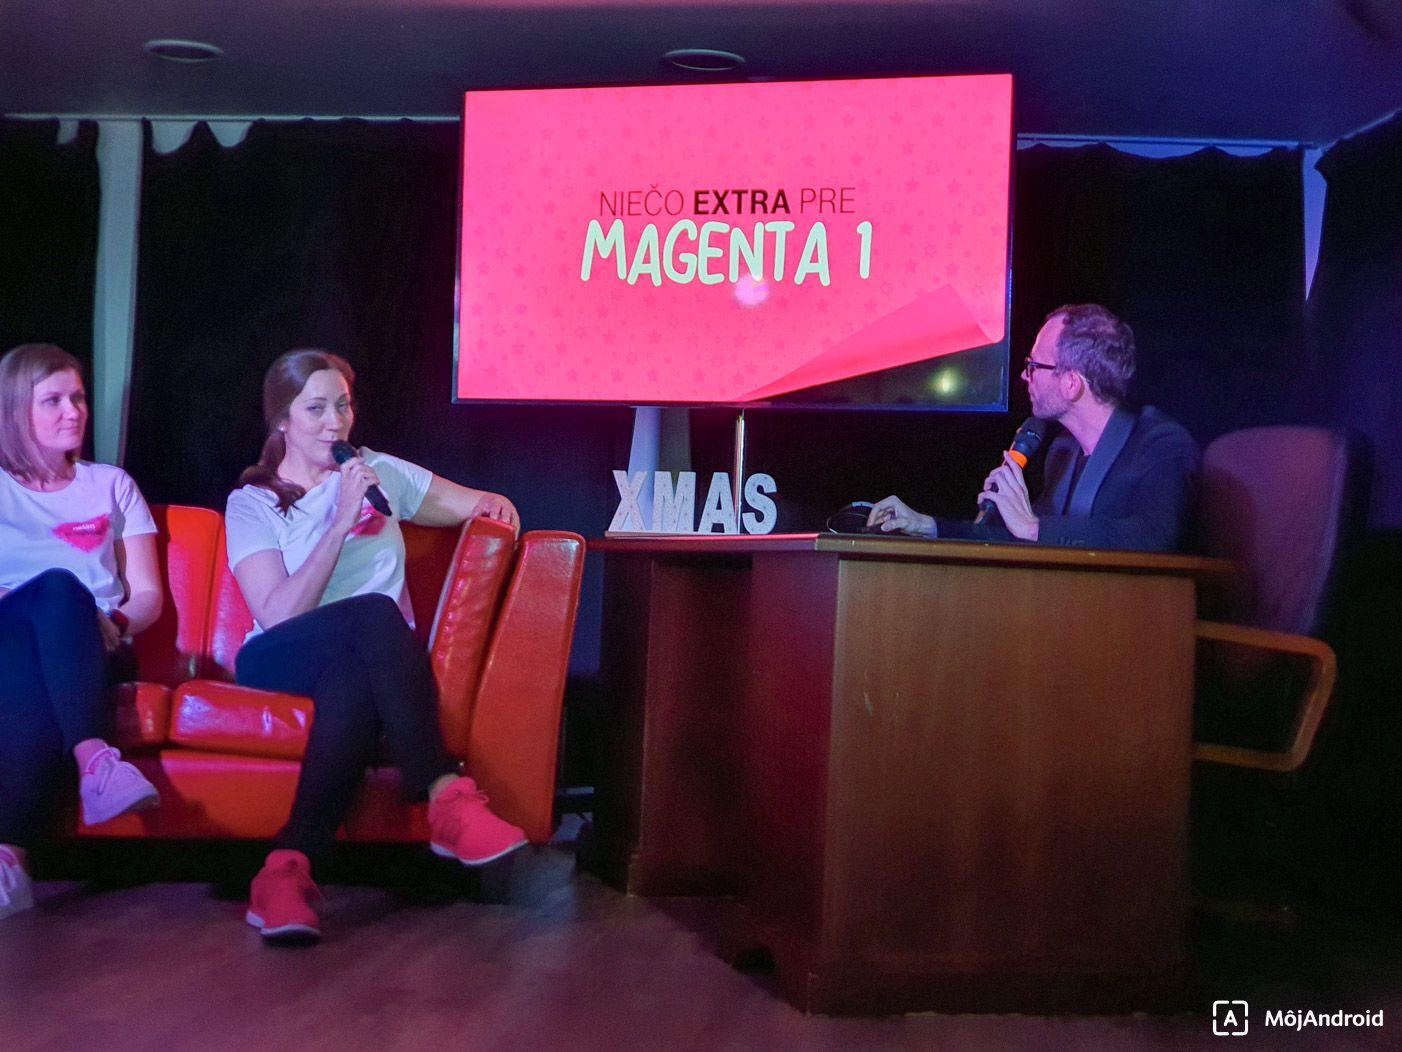 Telkom Magenta 1